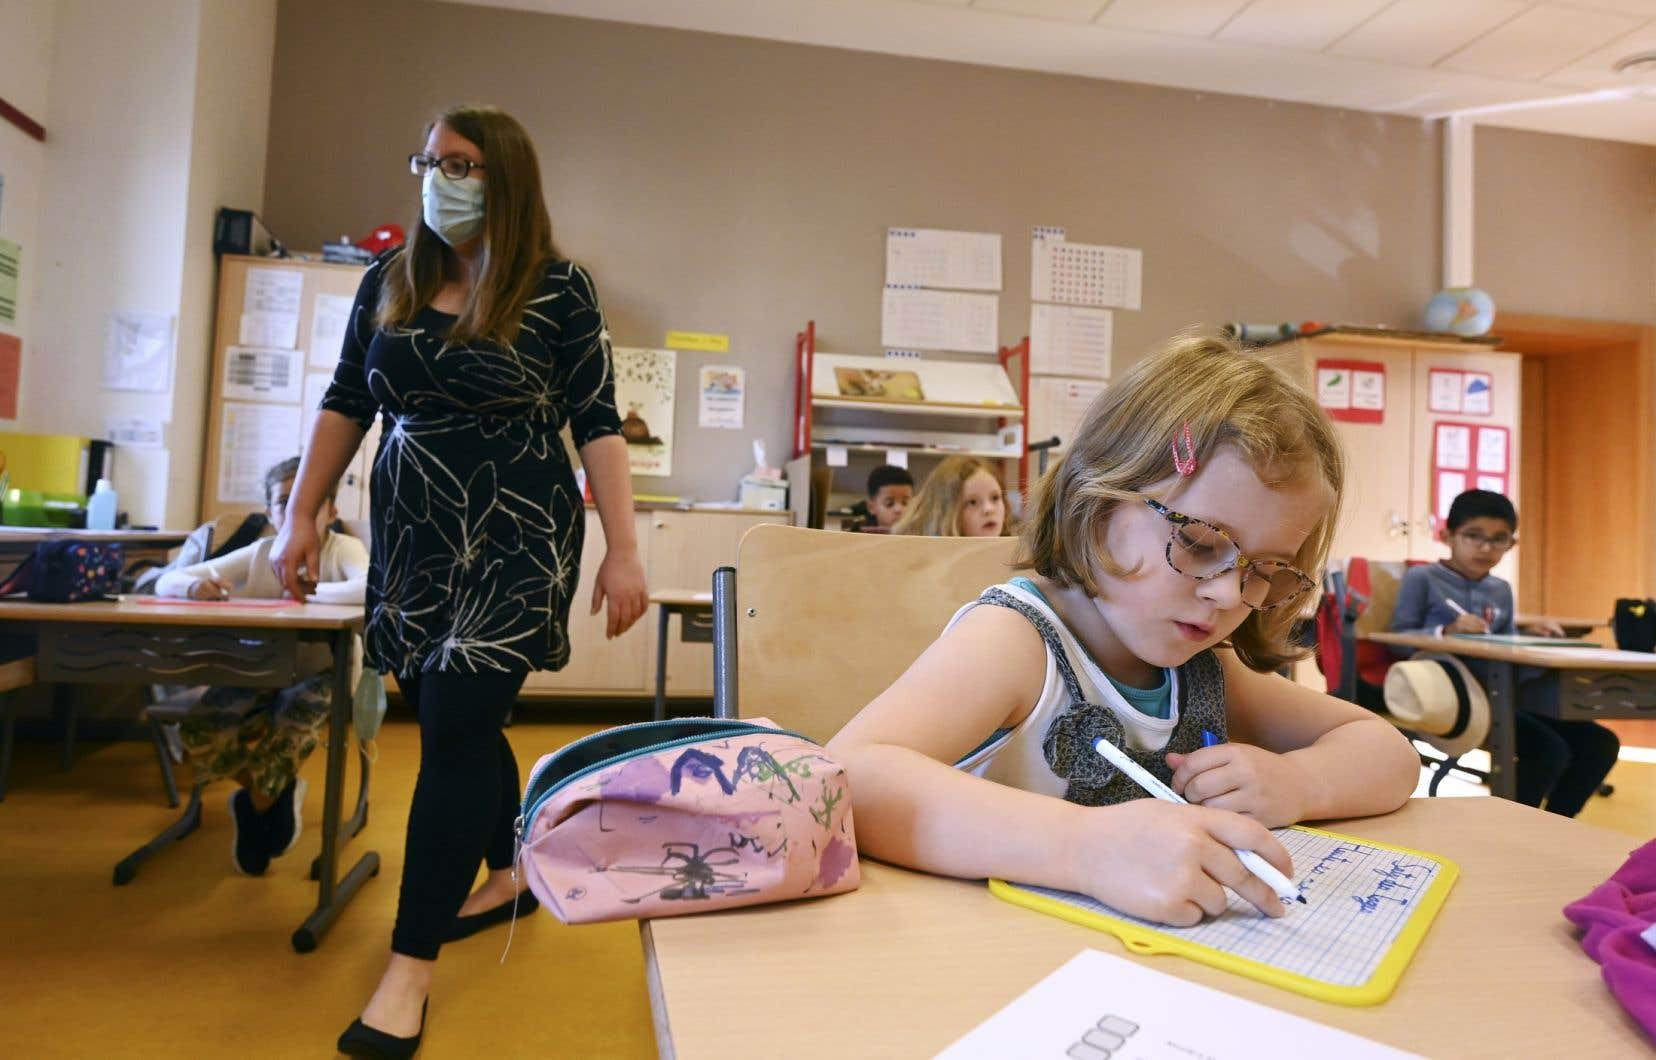 «Il m'apparaît nettement que la première chose à éviter est de laisser les profs à eux-mêmes devant des enfants qui auront perdu toute trace d'apprentissages si durement acquis», écrit l'auteur.